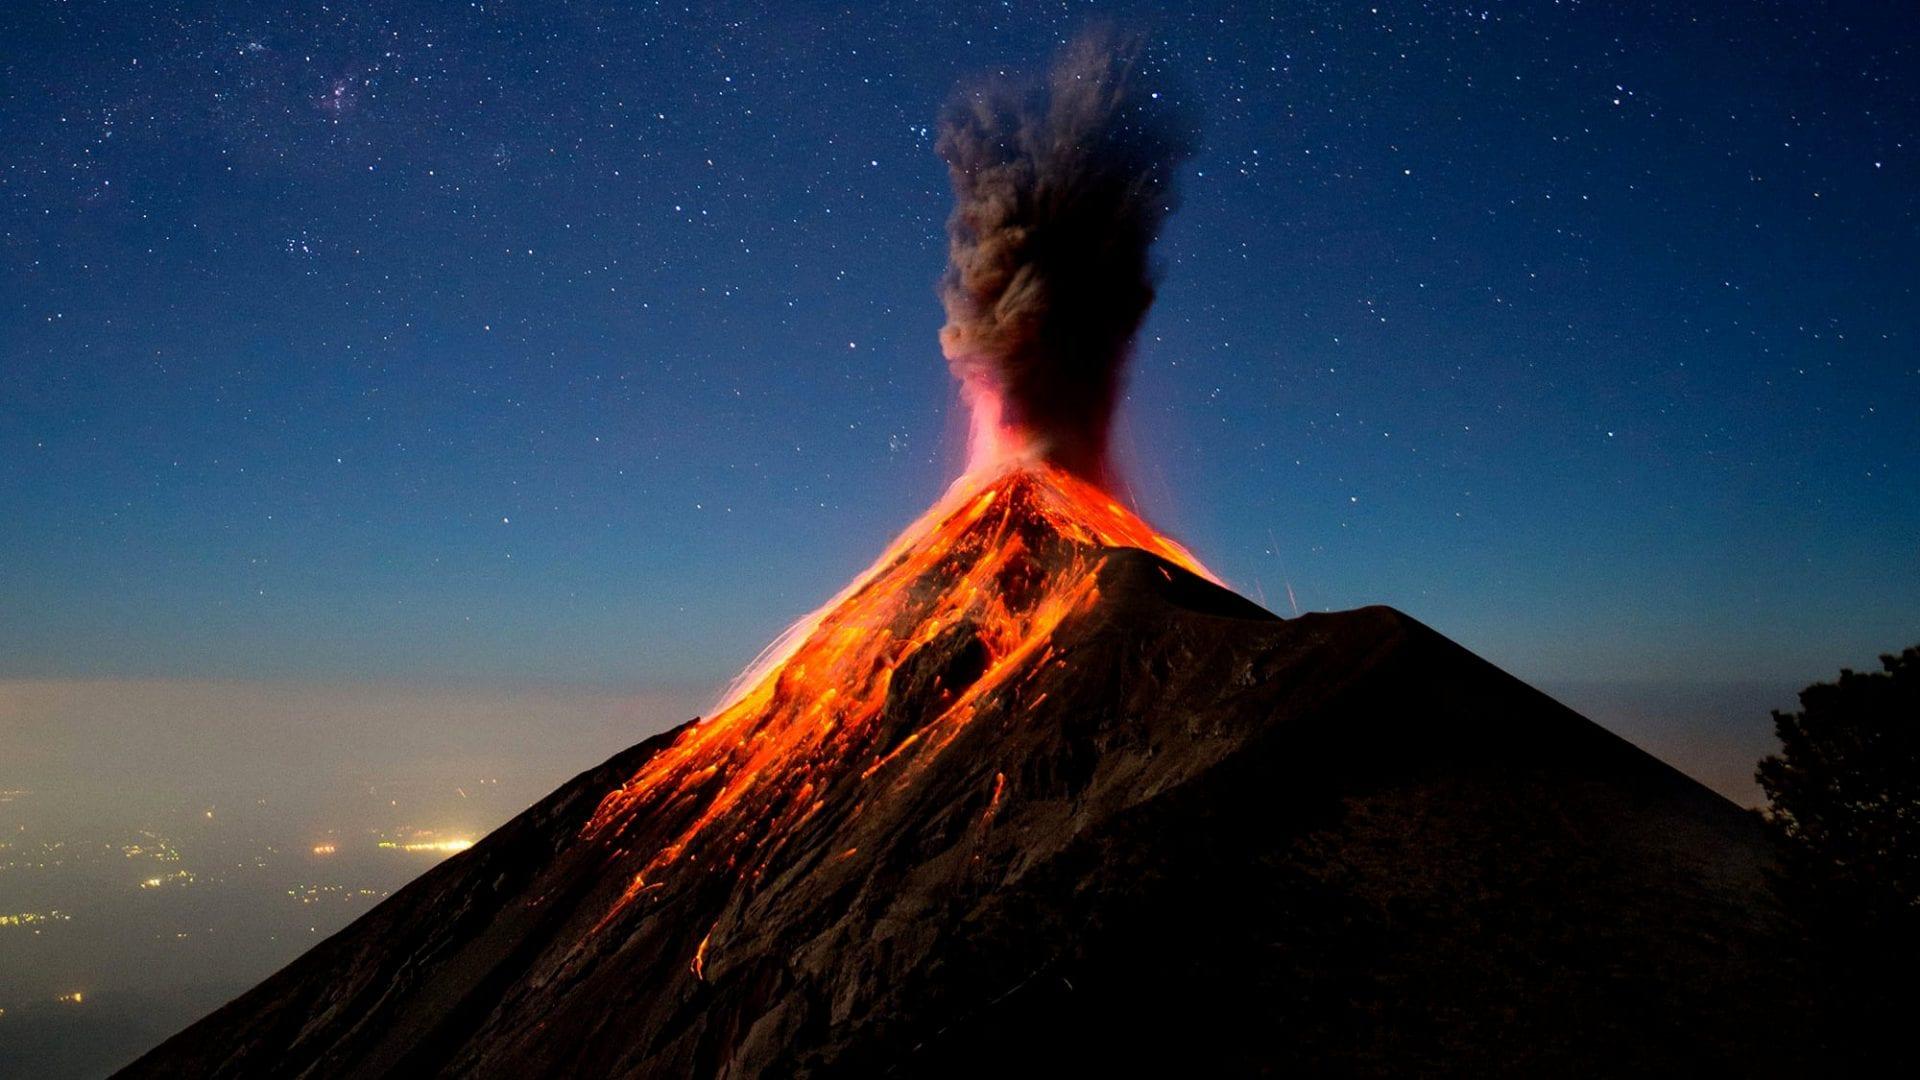 Vulcão - O que é, como surge, classificações e curiosidades